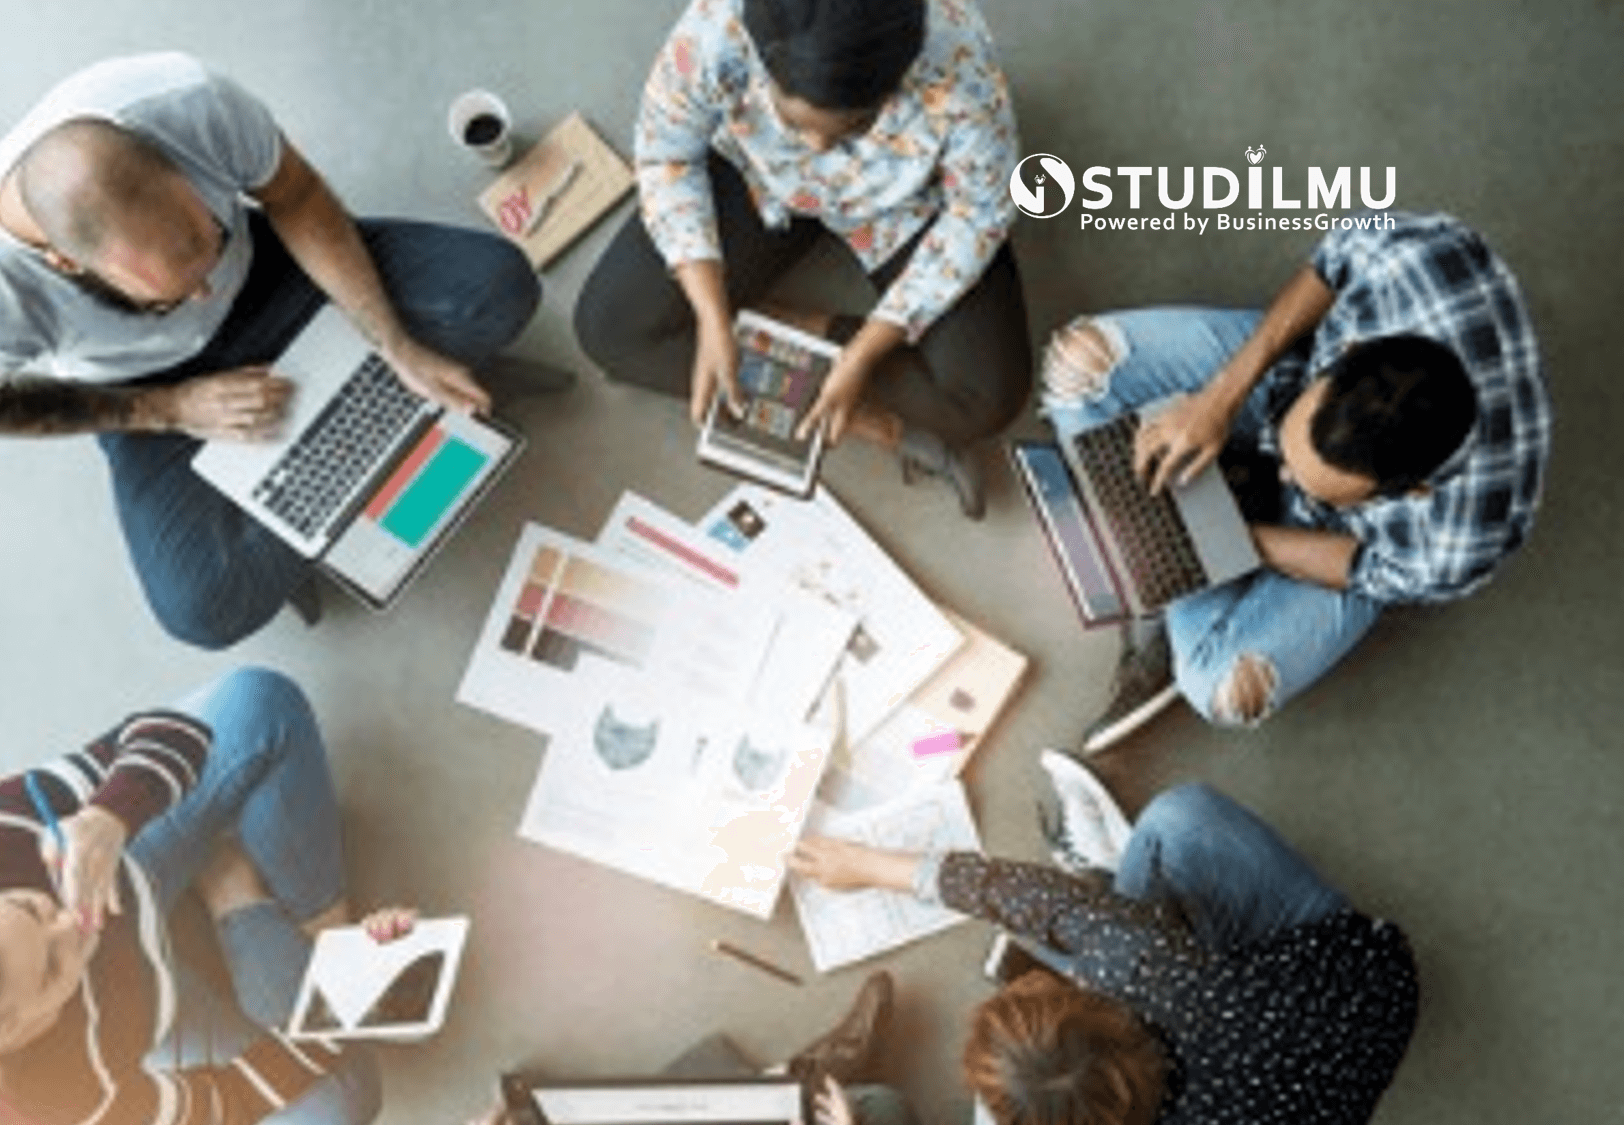 STUDILMU Career Advice - Bisakah Memasarkan Bisnis Startup Sendirian?